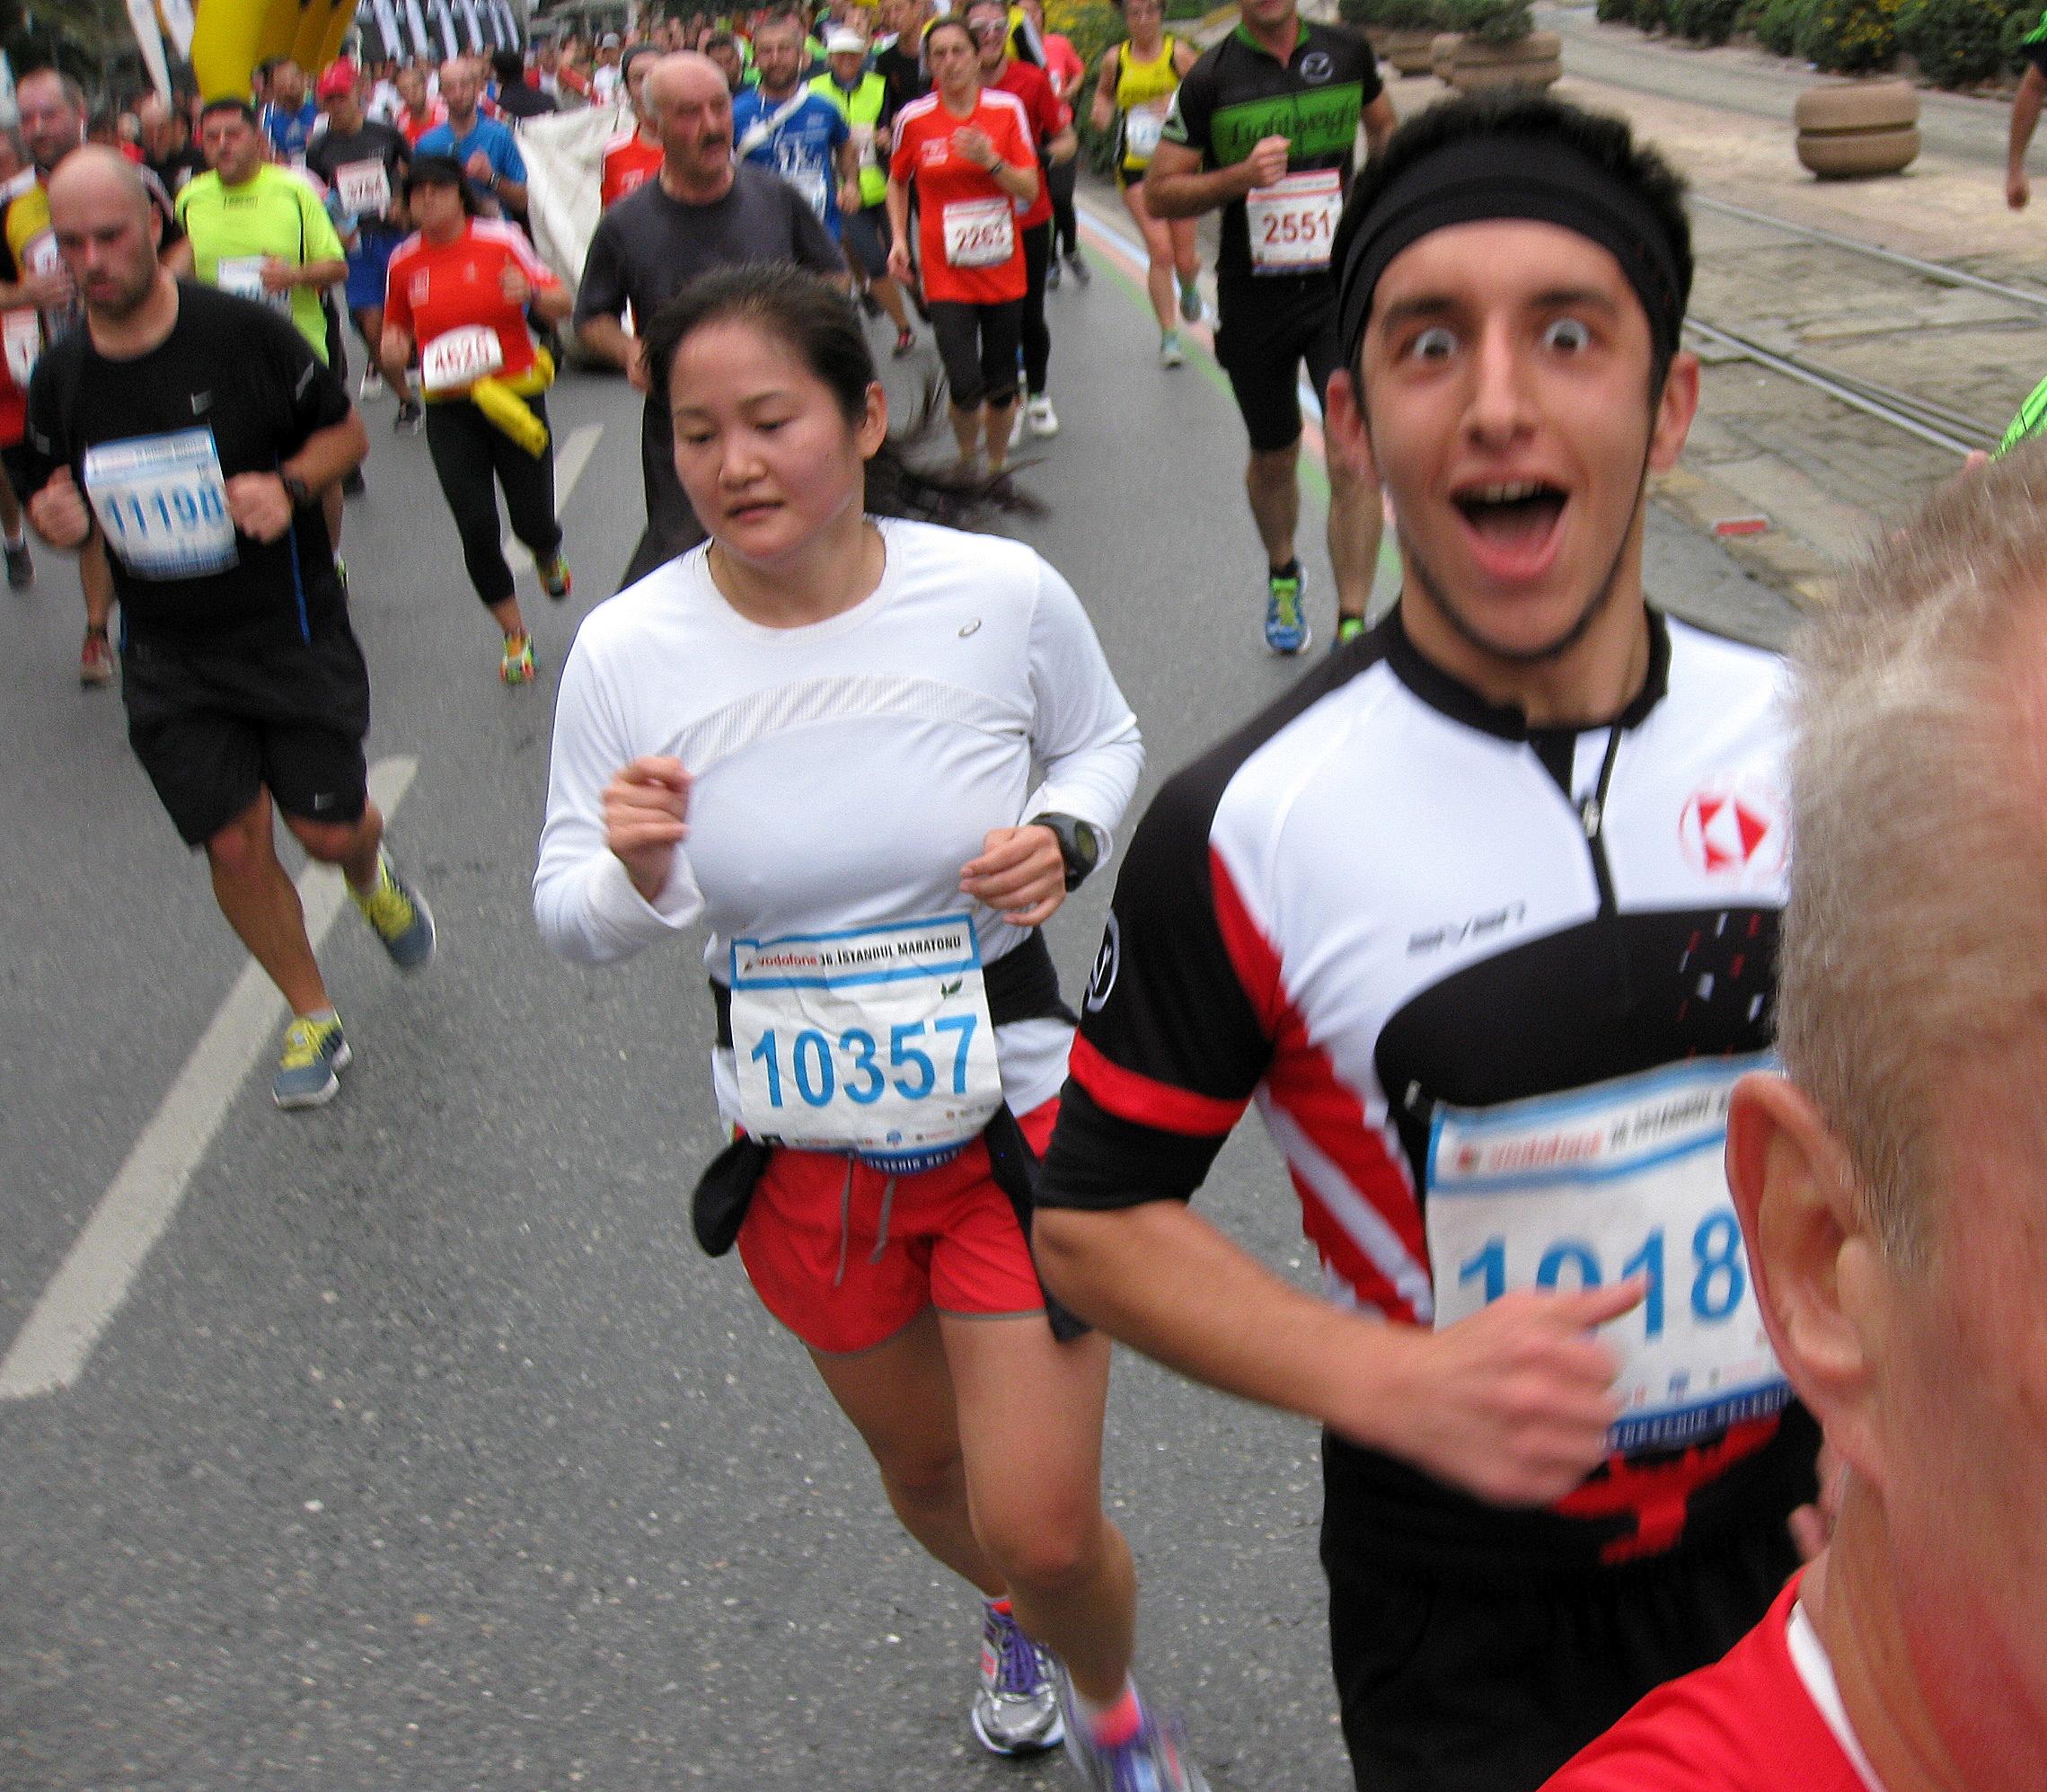 Blåt nummer 15km, rødt marathon, grøn 10 km